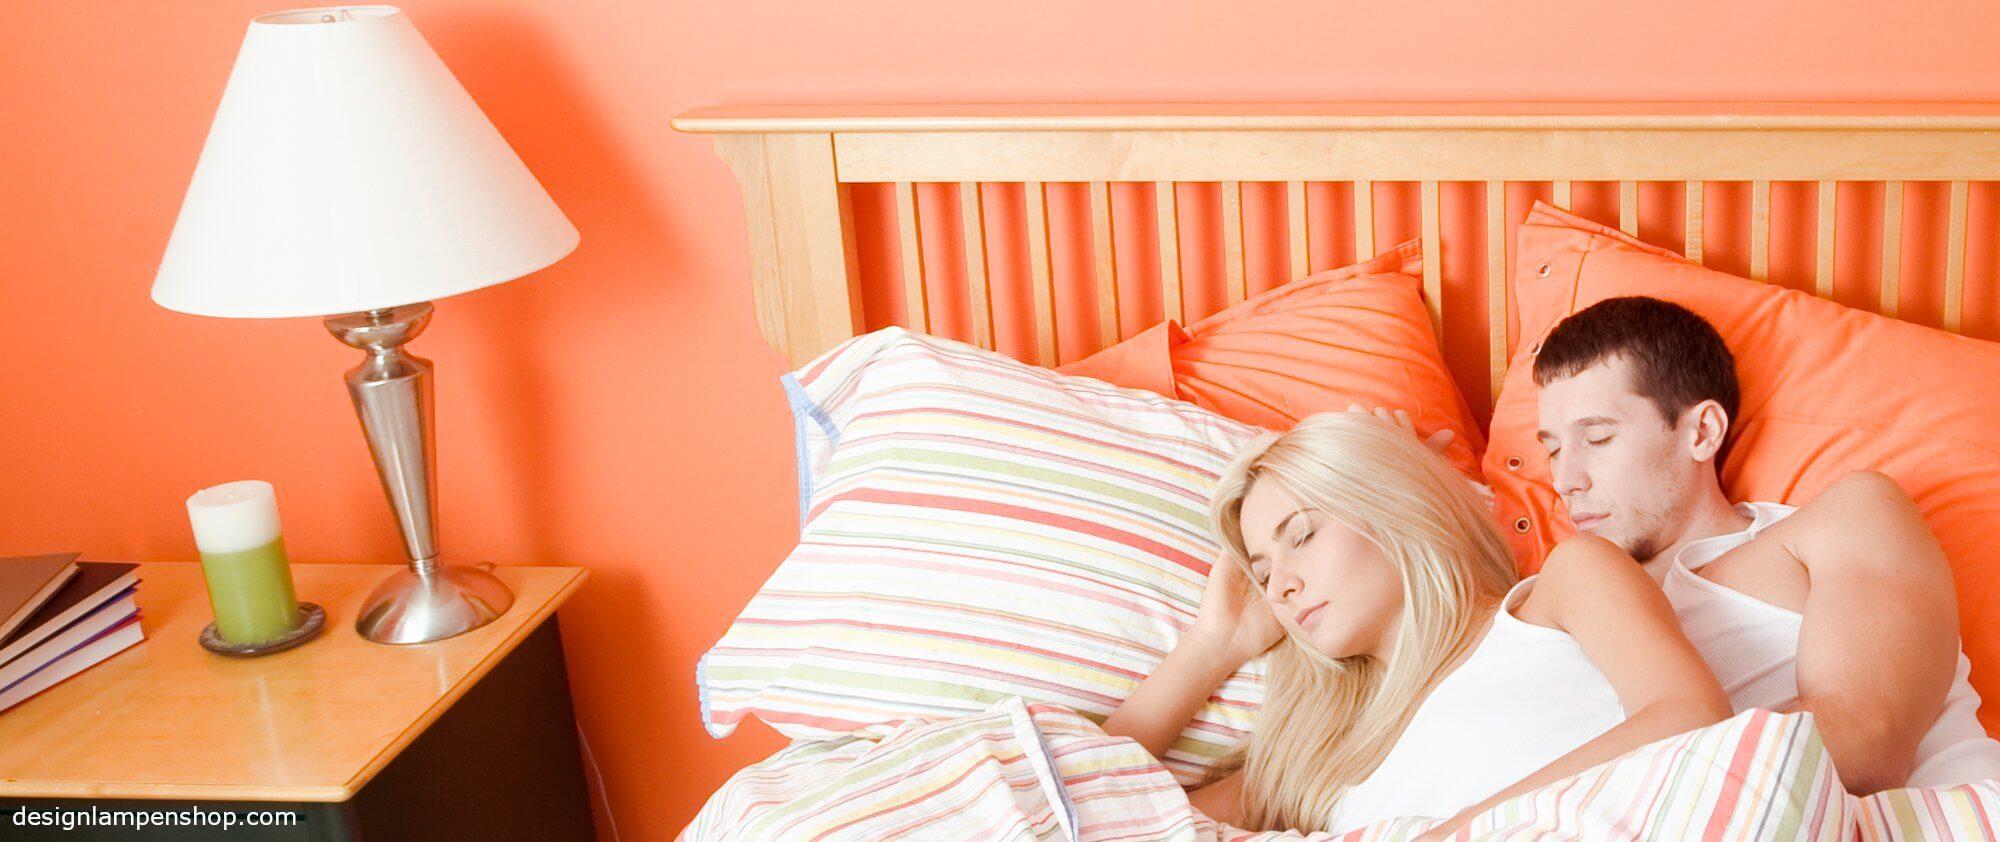 Junges Paar im Schlafzimmer mit Nachttischlampe